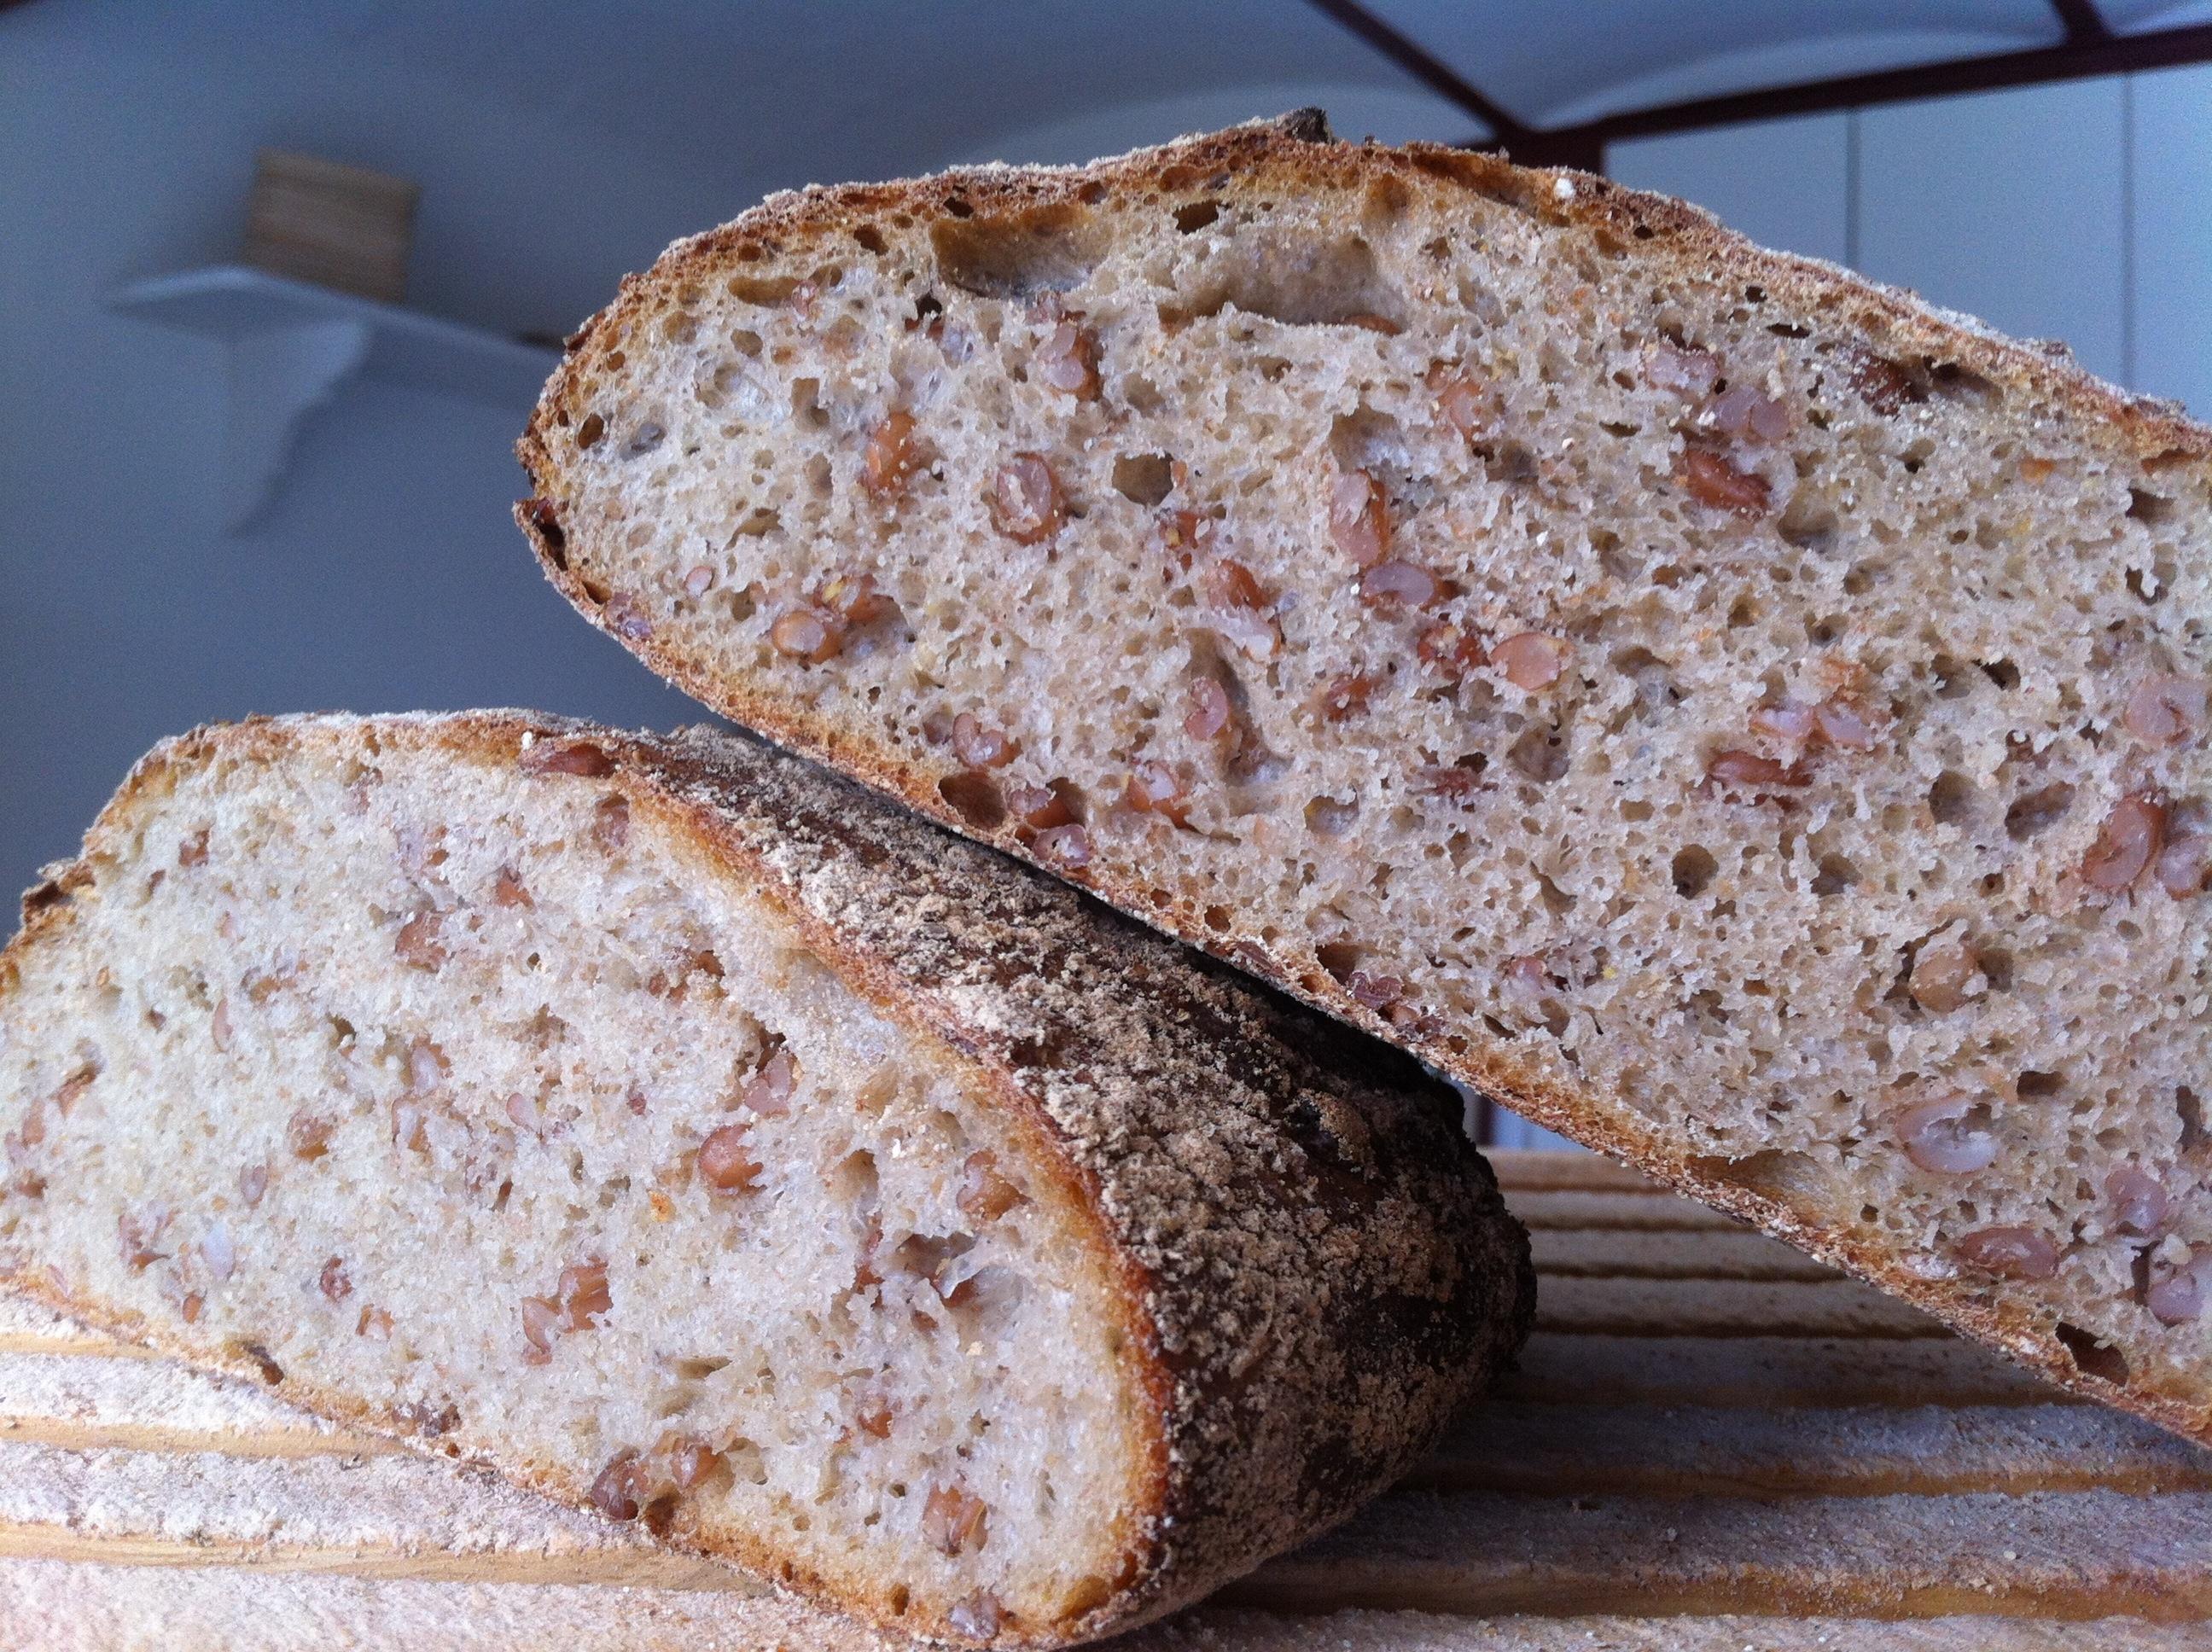 Brød med hele kerner: Lyst møllebrød | Iform.dk